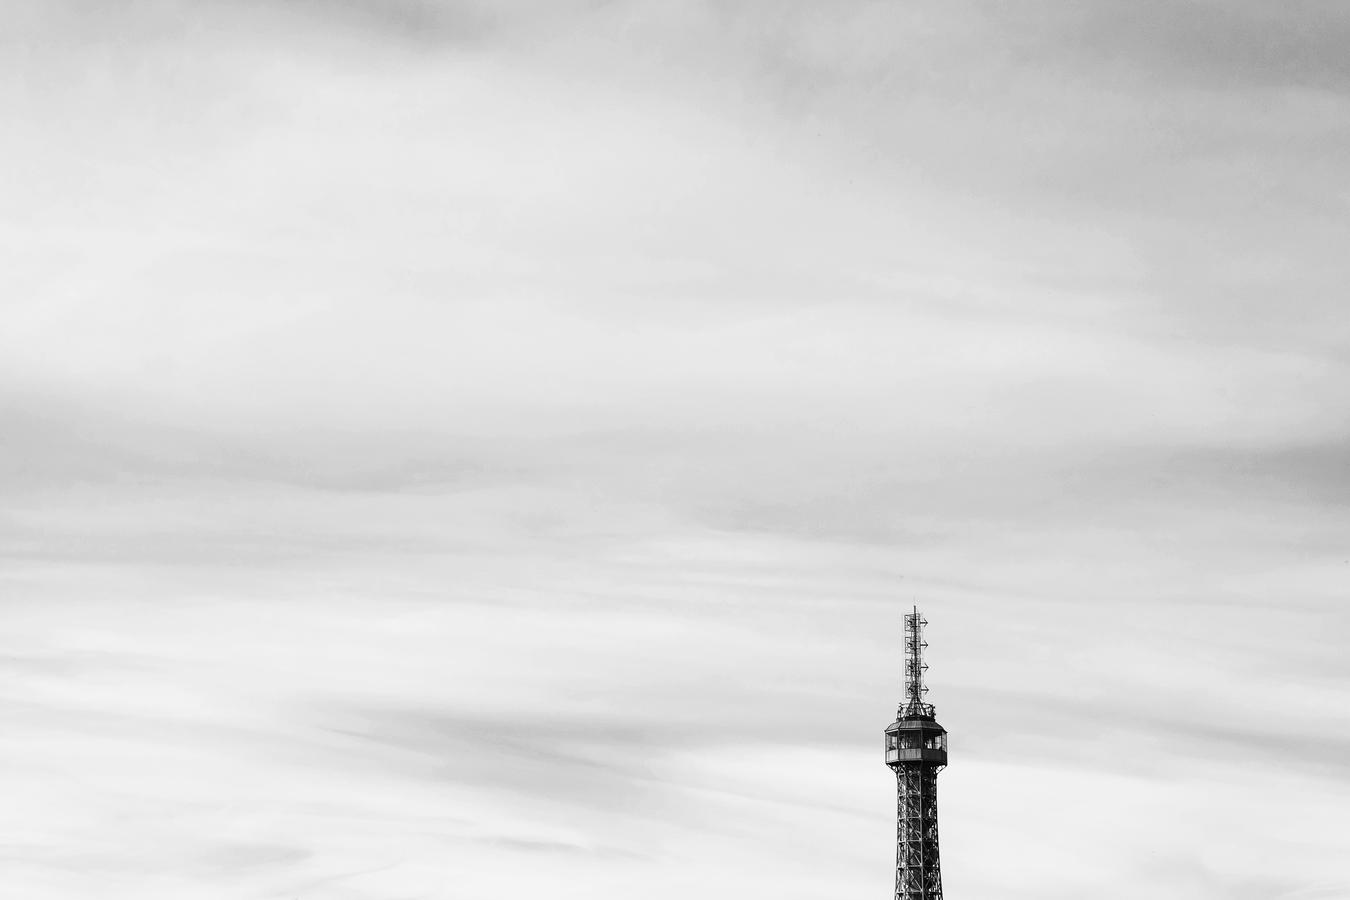 Petřínská věž